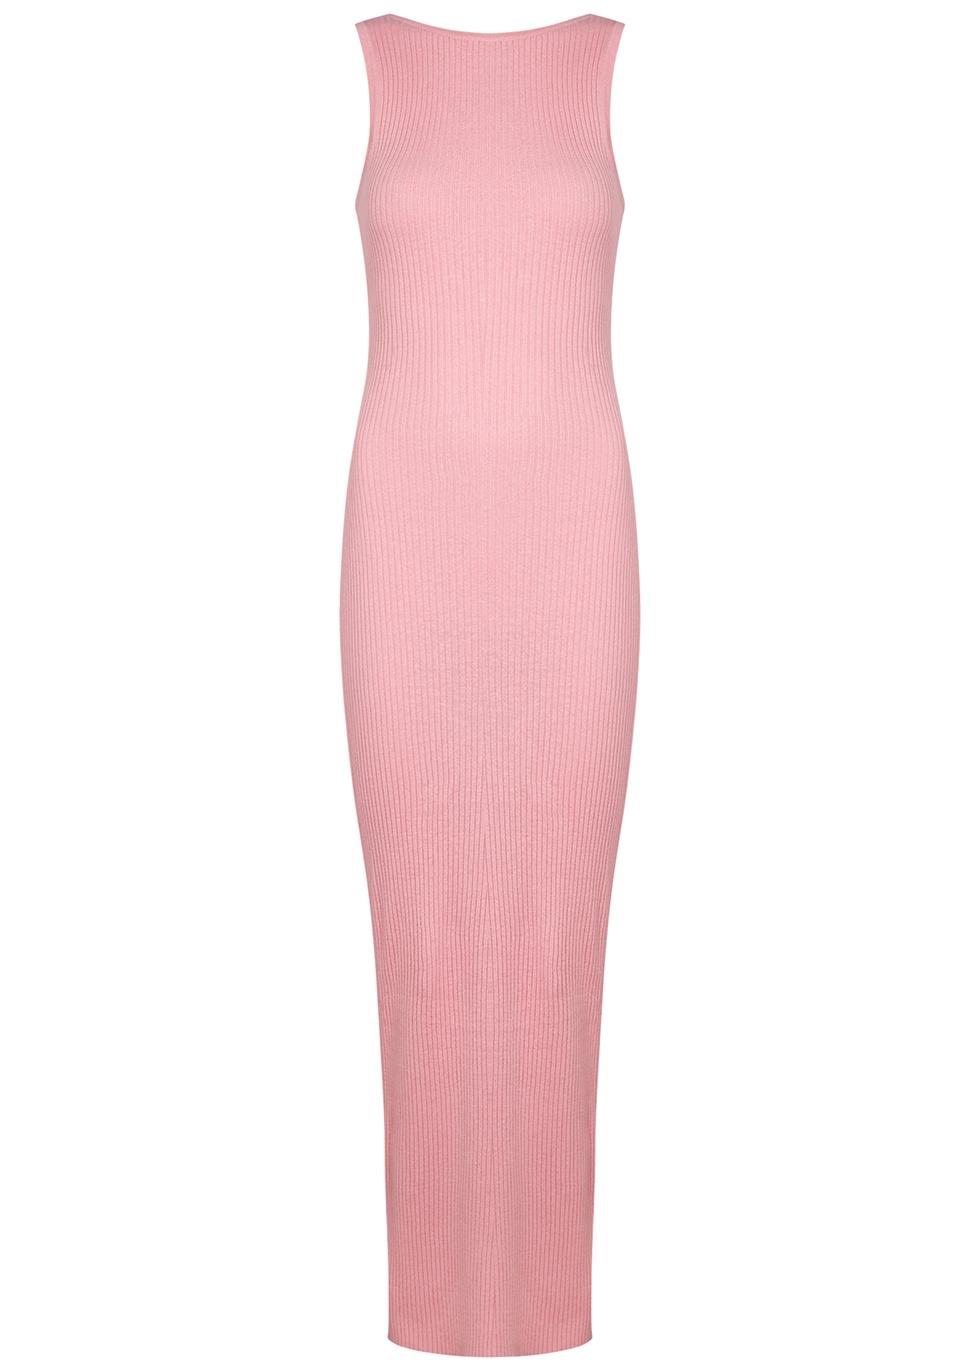 Riviera pink ribbed-knit maxi dress